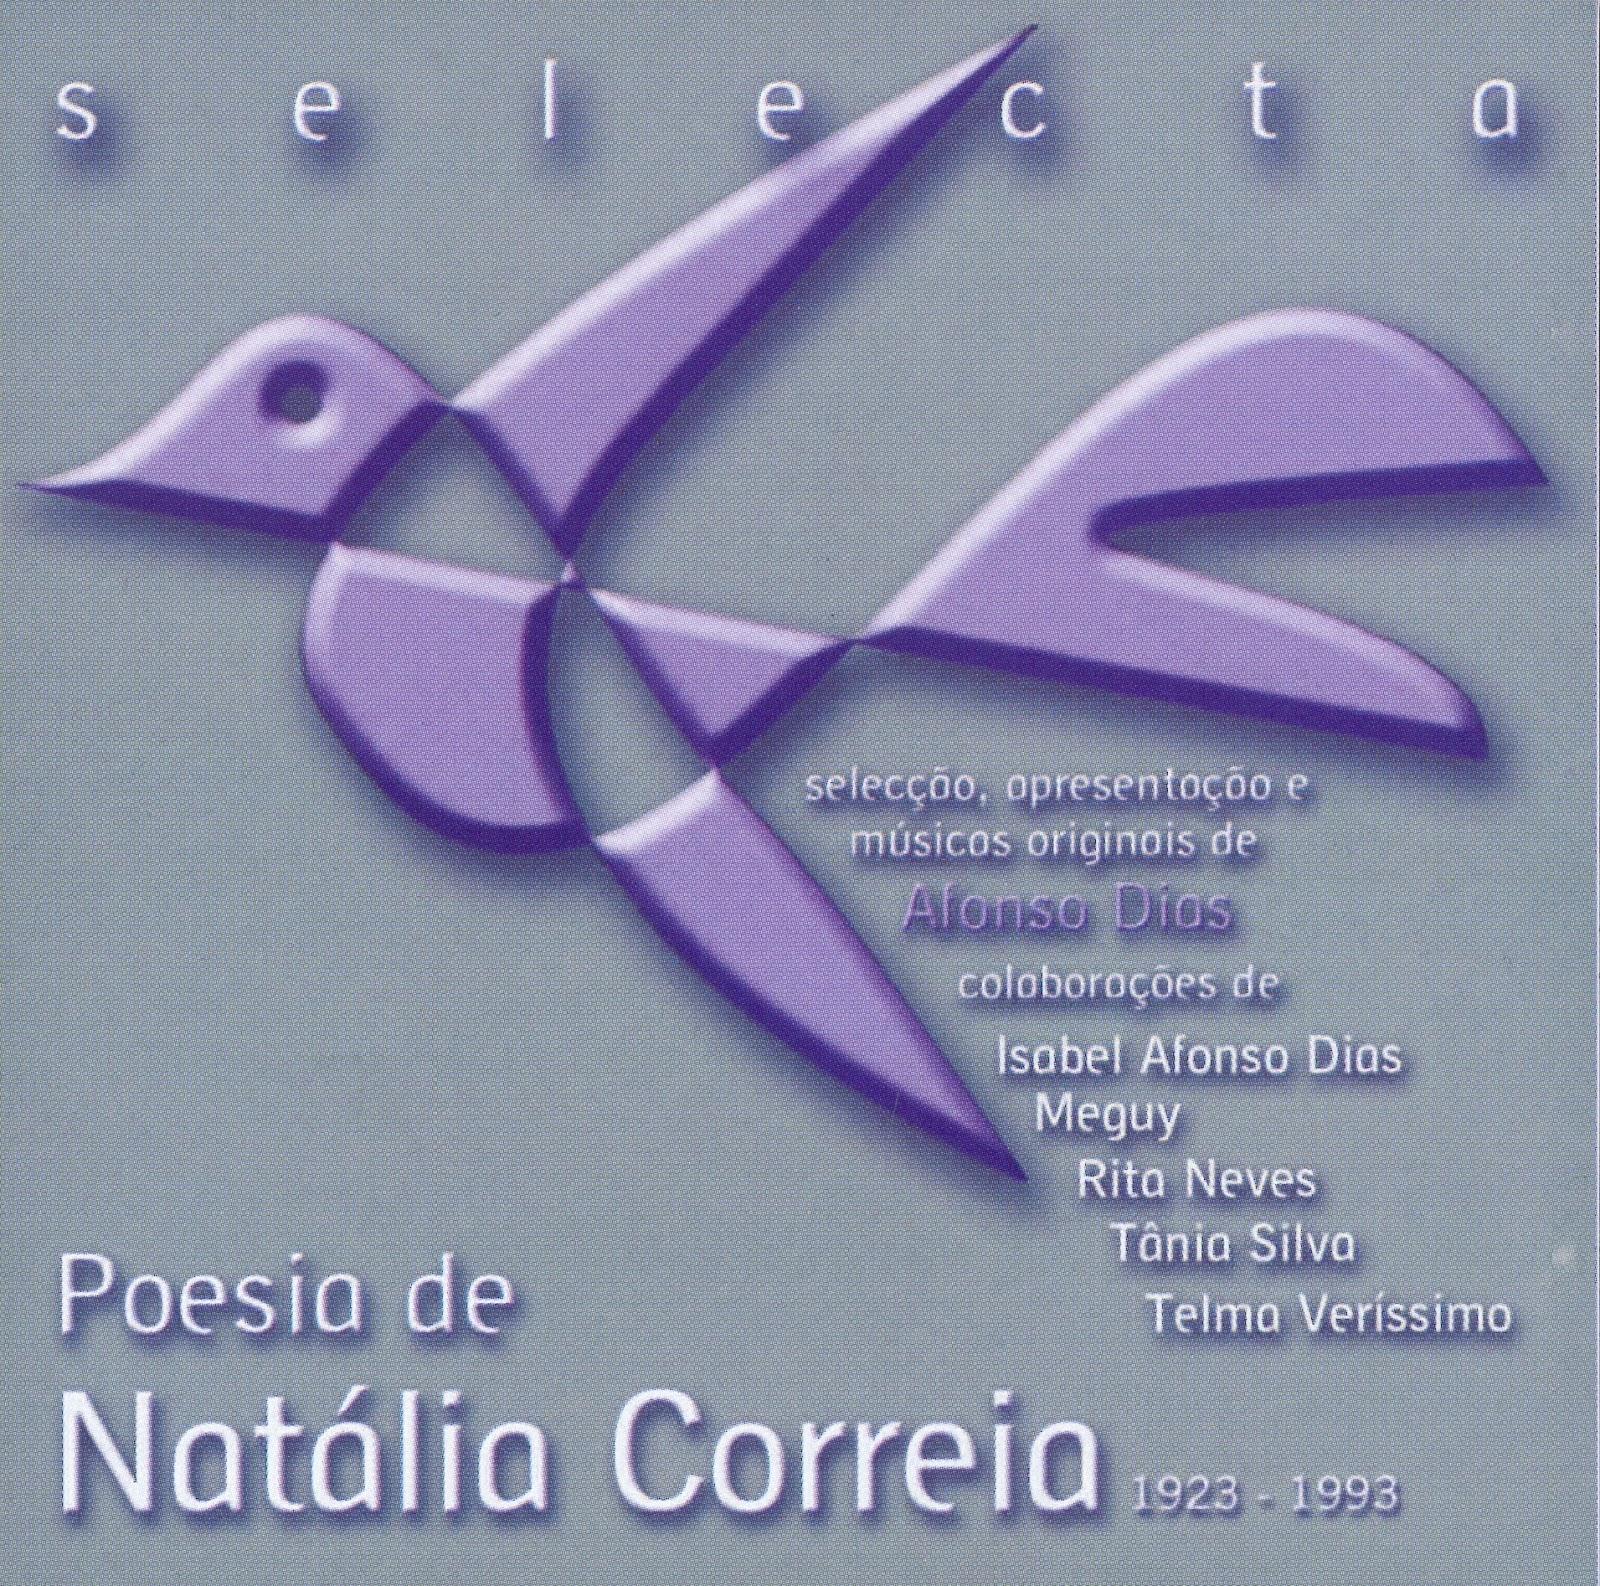 """c461096a4 Capa do CD """"Poesia de Natália Correia"""" (Música XXI, 2007) 40 poemas  ditos/cantados por Afonso Dias, Isabel Afonso Dias, Meguy, Rita Neves,  Tânia Silva e ..."""